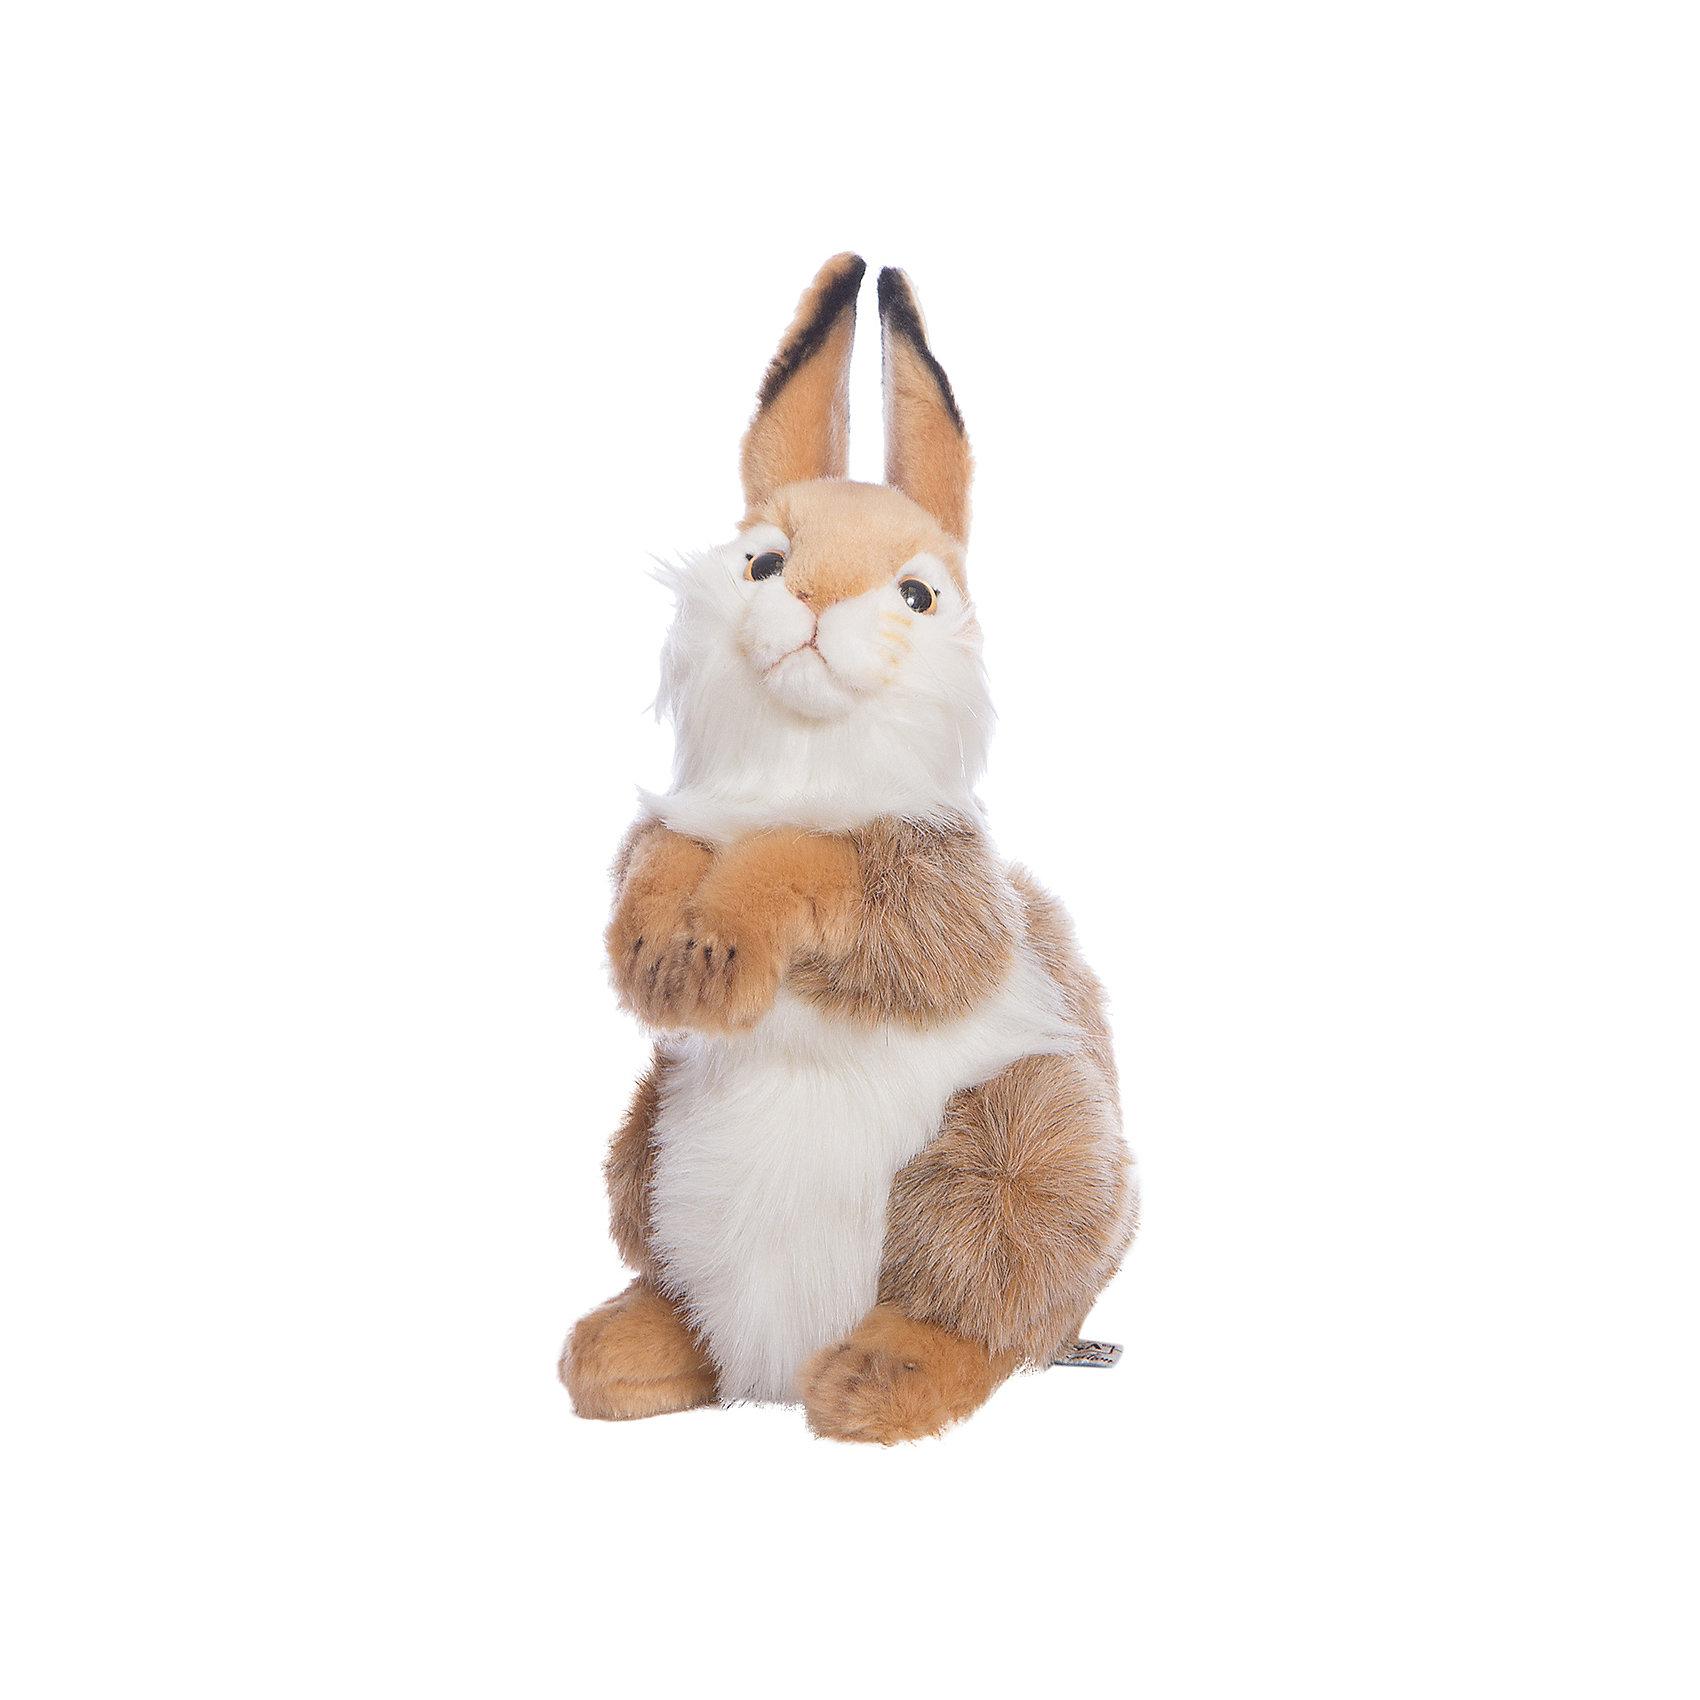 Мягкая игрушка Hansa Кролик, 30 смЗайцы и кролики<br>Характеристики товара:<br><br>• возраст: от 3 лет;<br>• материал: искусственный мех;<br>• высота игрушки: 30 см;<br>• размер упаковки: 30х19х18 см;<br>• вес упаковки: 190 гр.;<br>• страна производитель: Филиппины.<br><br>Мягкая игрушка Кролик Hansa 30 см — очаровательный зверек с маленькими глазками-пуговками, пушистыми лапками и длинными ушками, который станет для ребенка любимым домашним питомцем. Игрушку можно брать с собой на прогулку, в детский садик, в гости и устраивать вместе с друзьями веселые игры. <br><br>Внутри проходит титановый каркас, который позволяет менять положение лап, туловища, поворачивать голову. Игрушка сделана из качественных безопасных материалов.<br><br>Мягкую игрушку Кролик Hansa 30 см можно приобрести в нашем интернет-магазине.<br><br>Ширина мм: 190<br>Глубина мм: 180<br>Высота мм: 300<br>Вес г: 190<br>Возраст от месяцев: 36<br>Возраст до месяцев: 2147483647<br>Пол: Унисекс<br>Возраст: Детский<br>SKU: 6680720